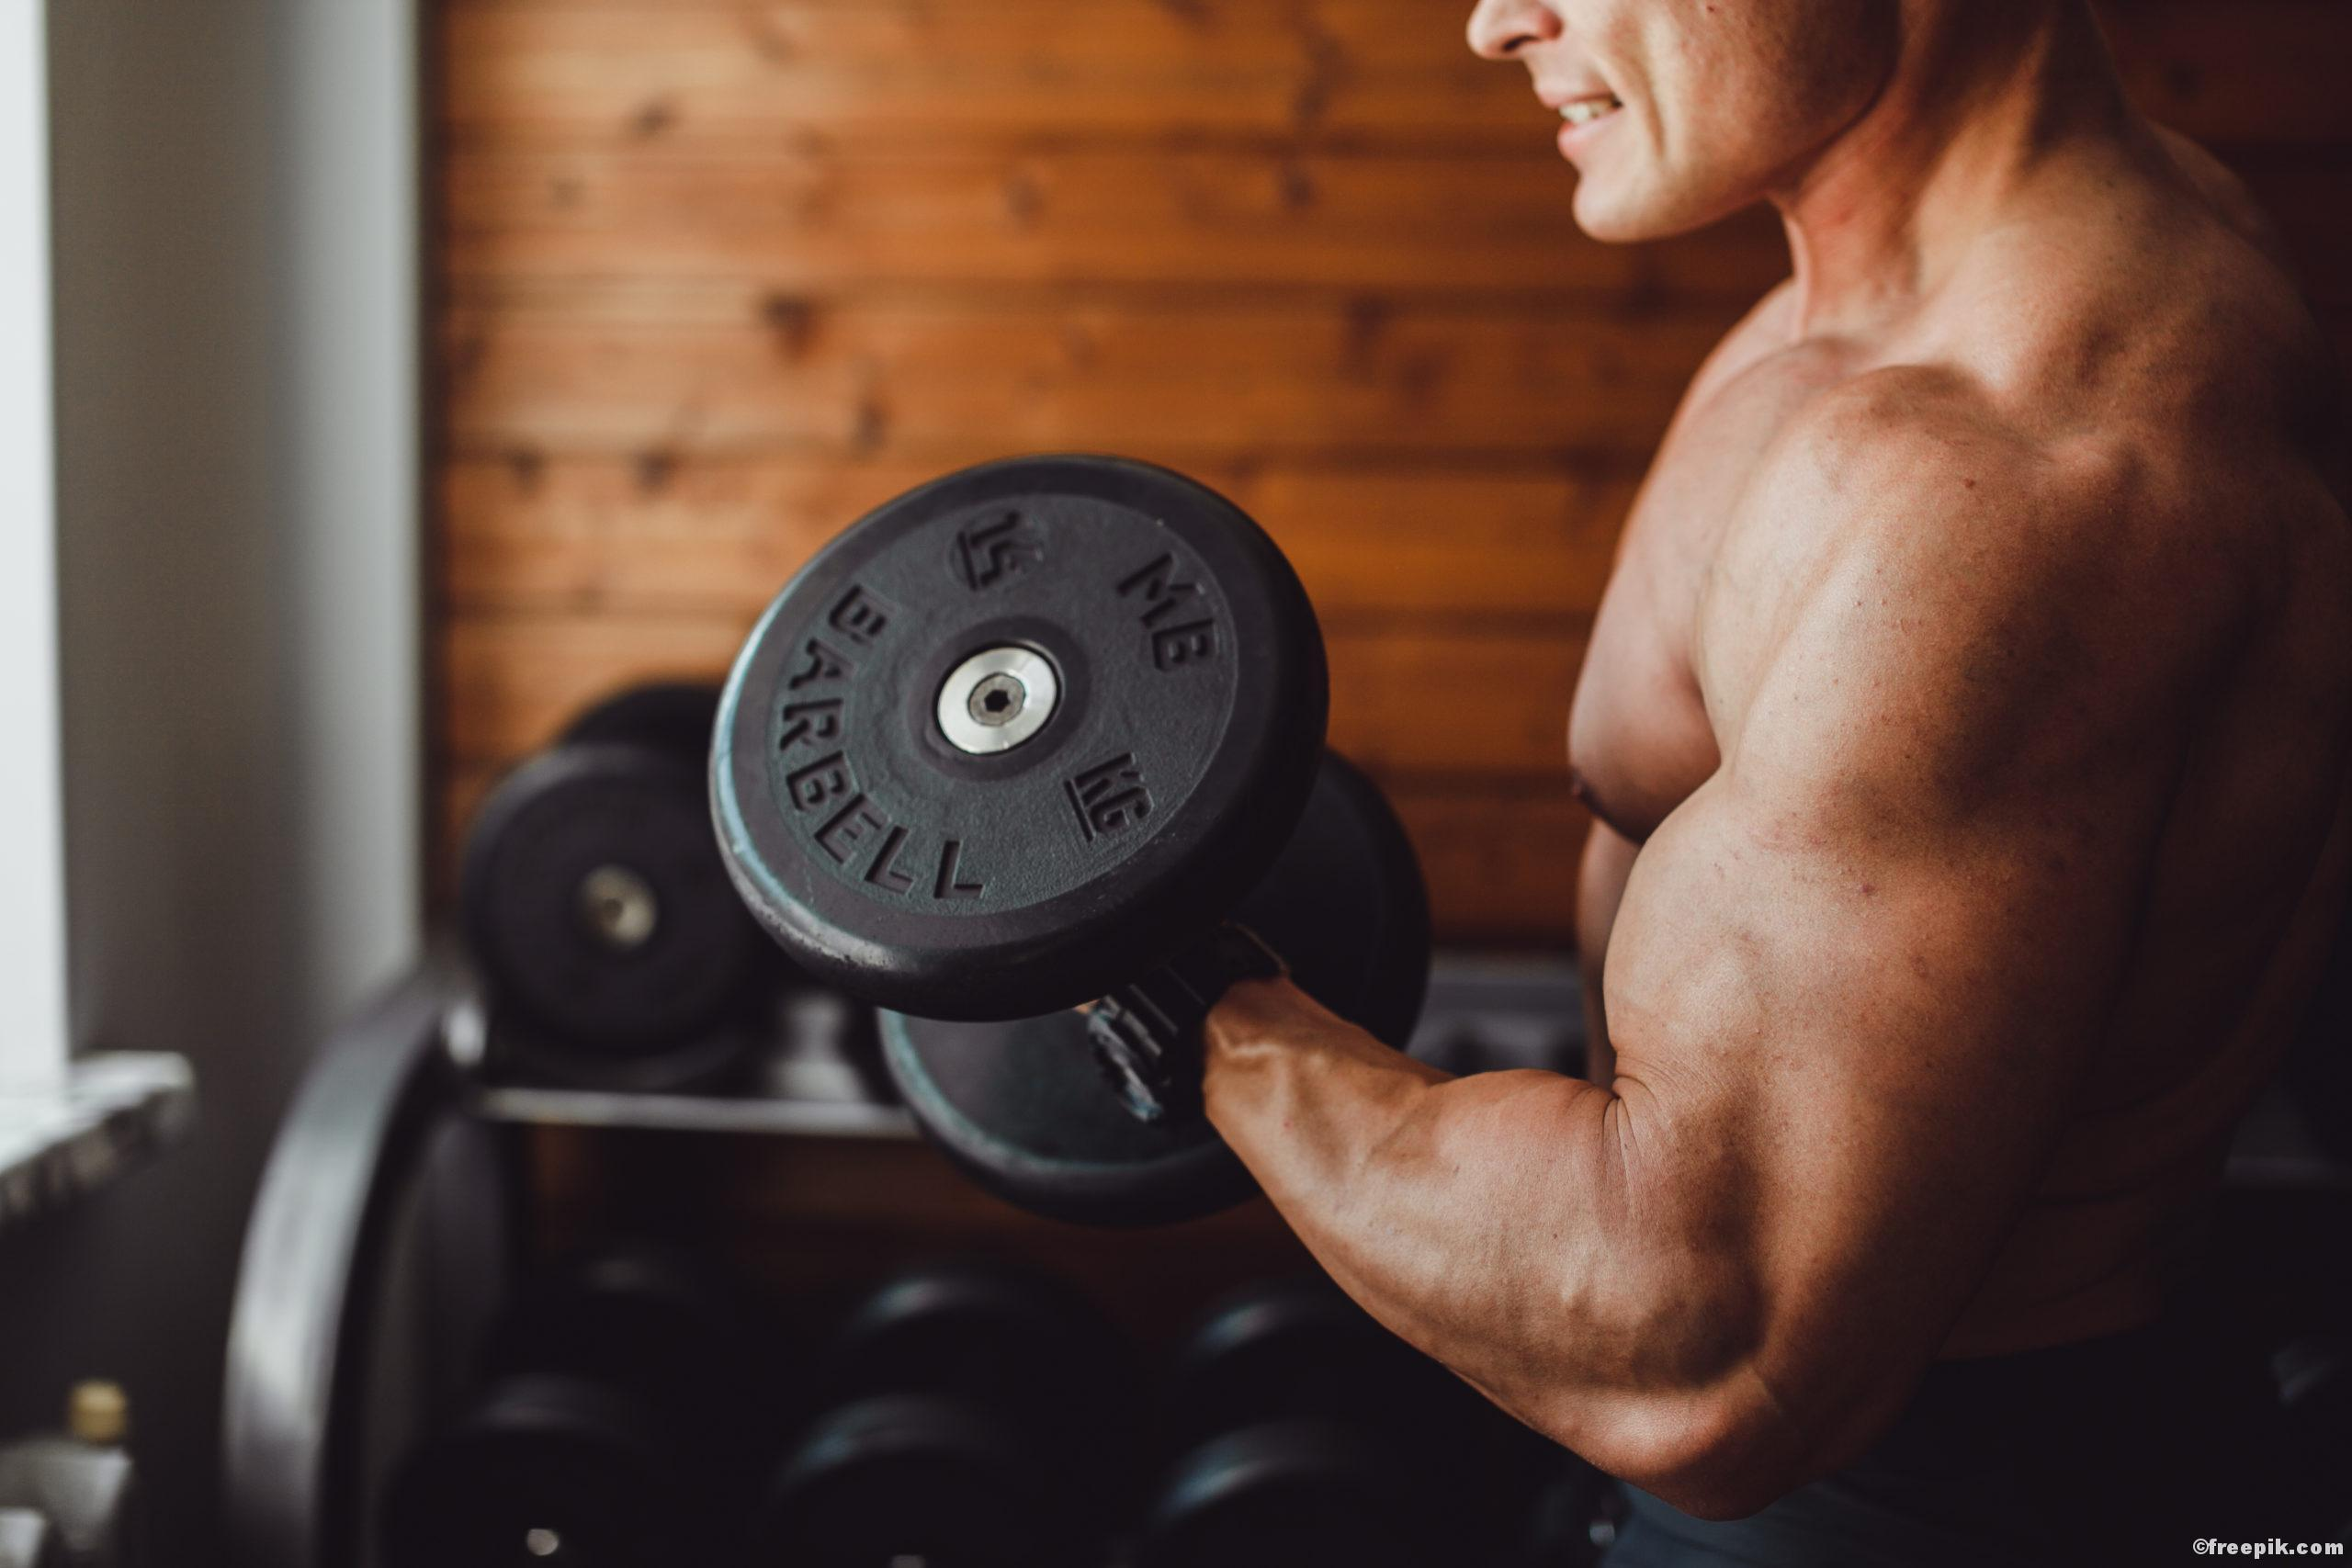 Wusstest du schon, dass der Mensch insgesamt 656 Muskeln besitzt?